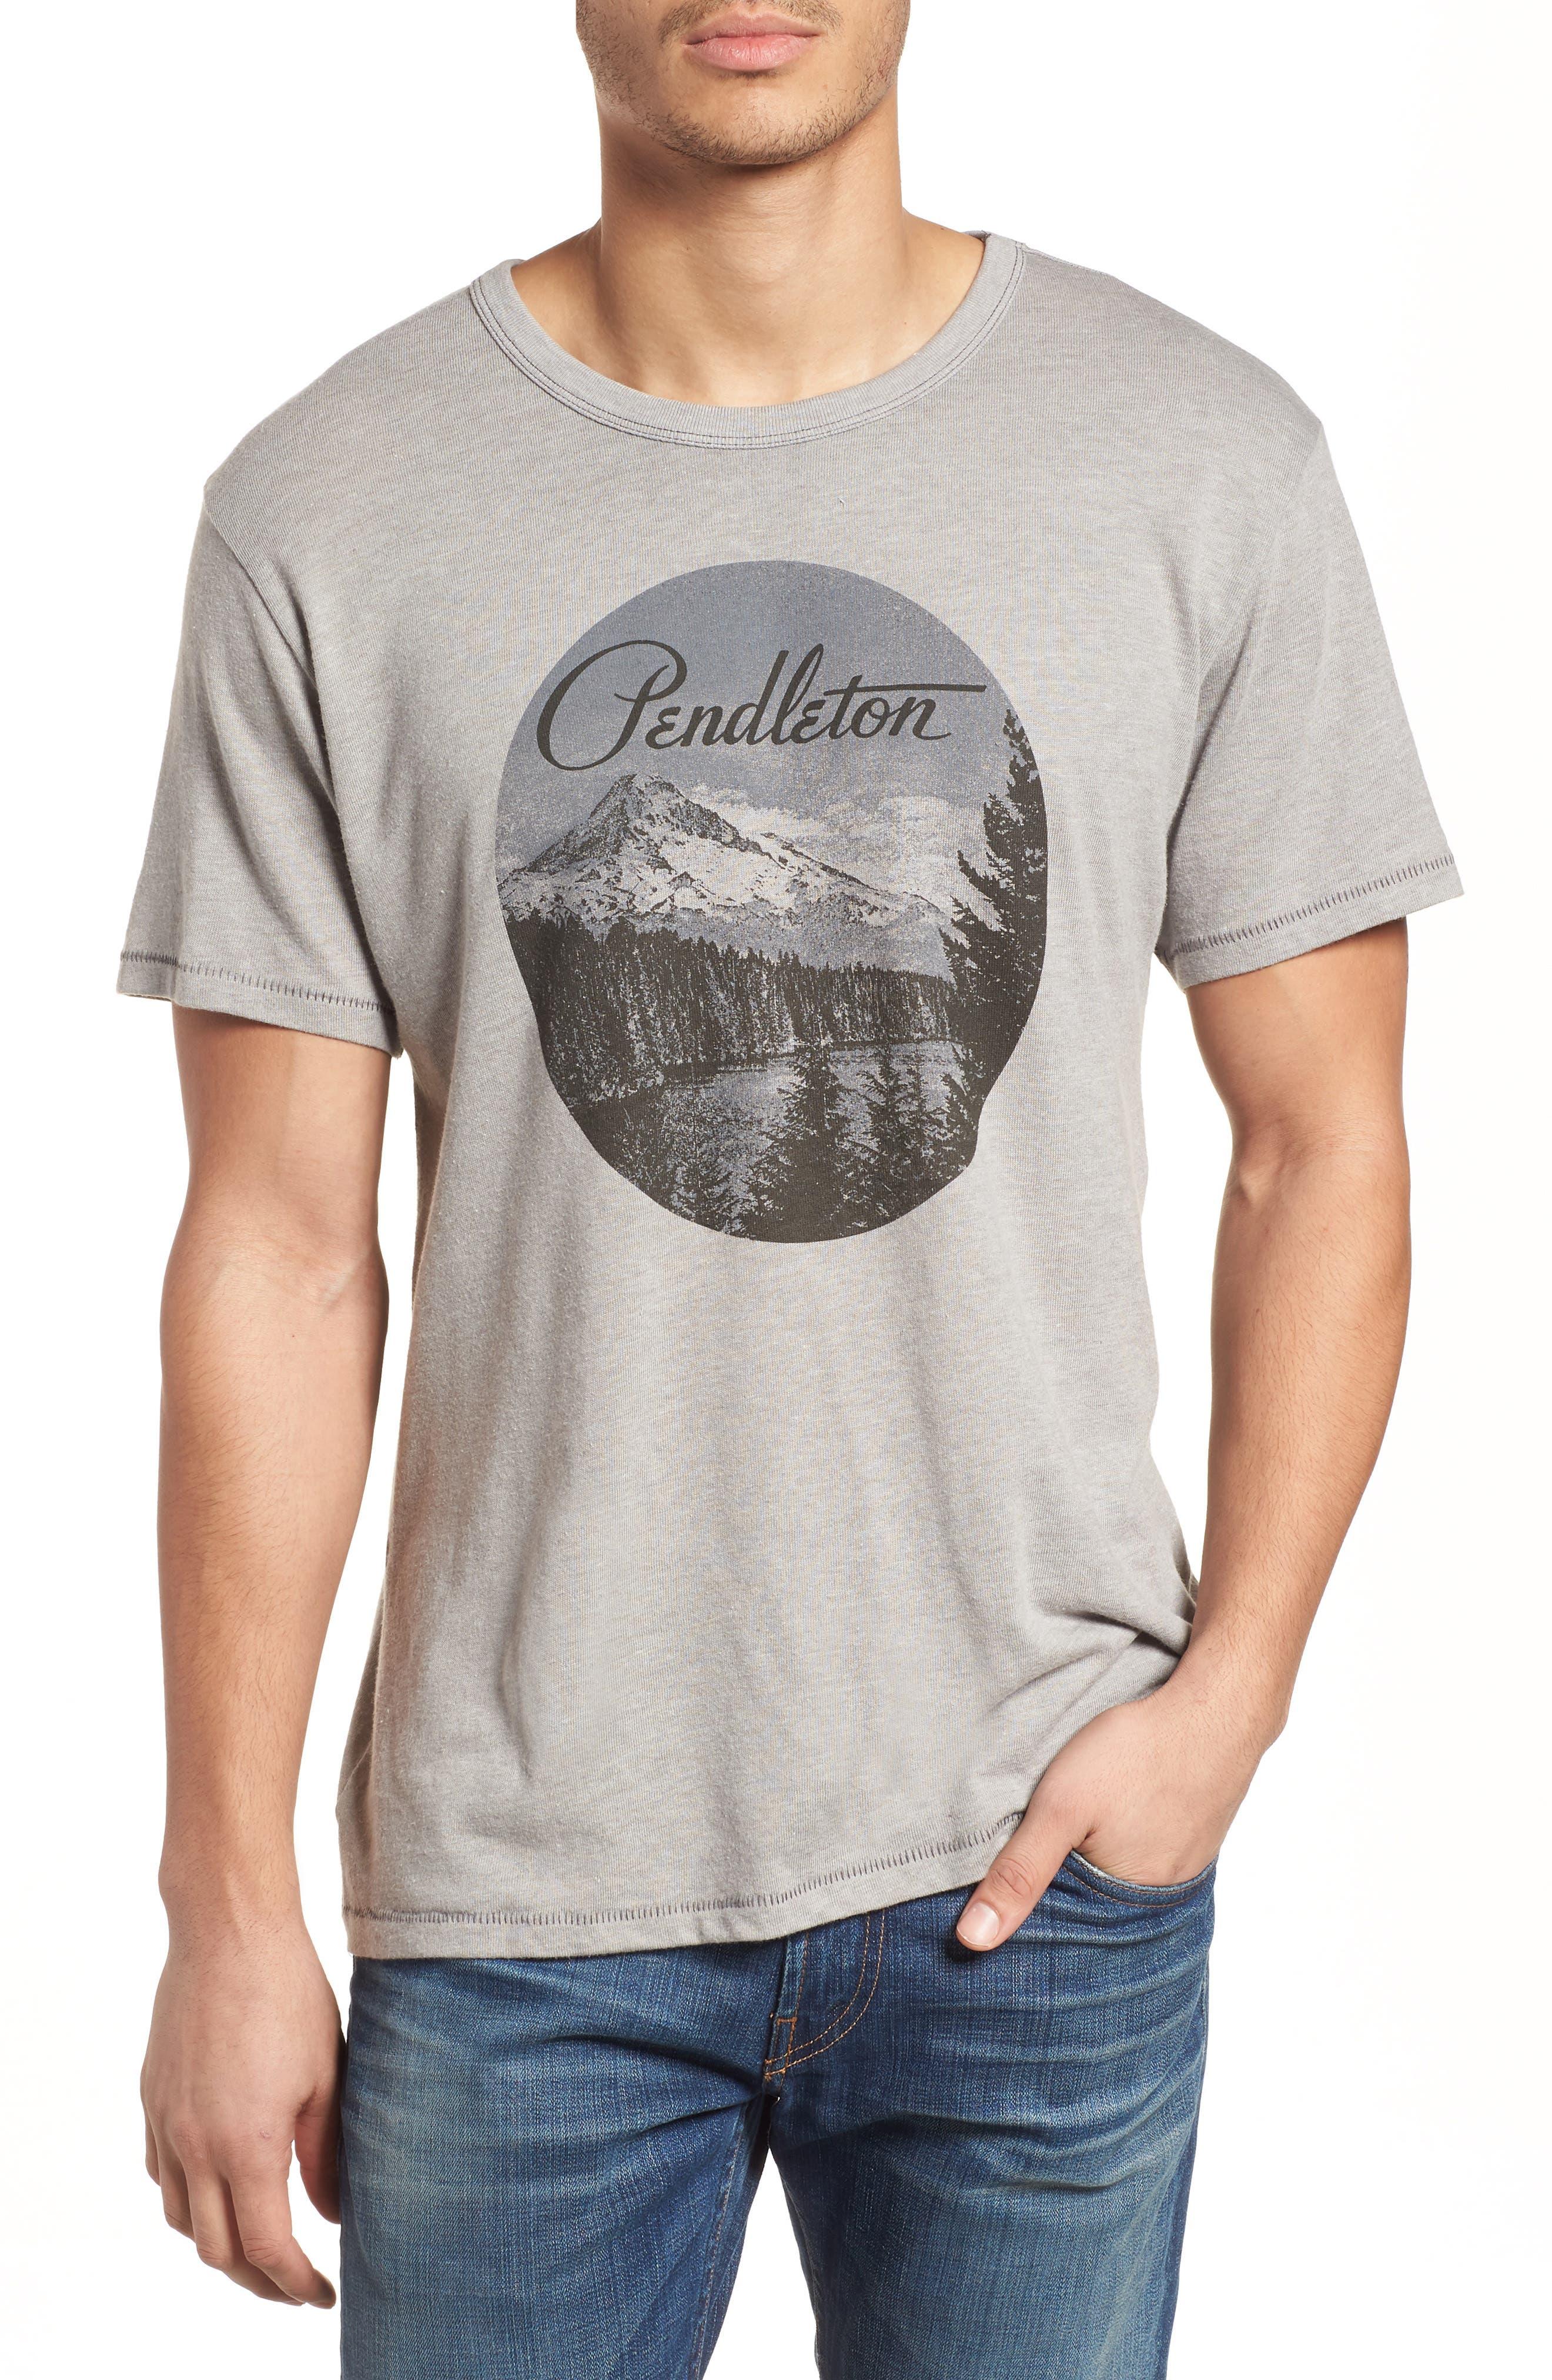 Mt. Hood Crewneck T-Shirt,                             Main thumbnail 1, color,                             61222 Smoked Grey